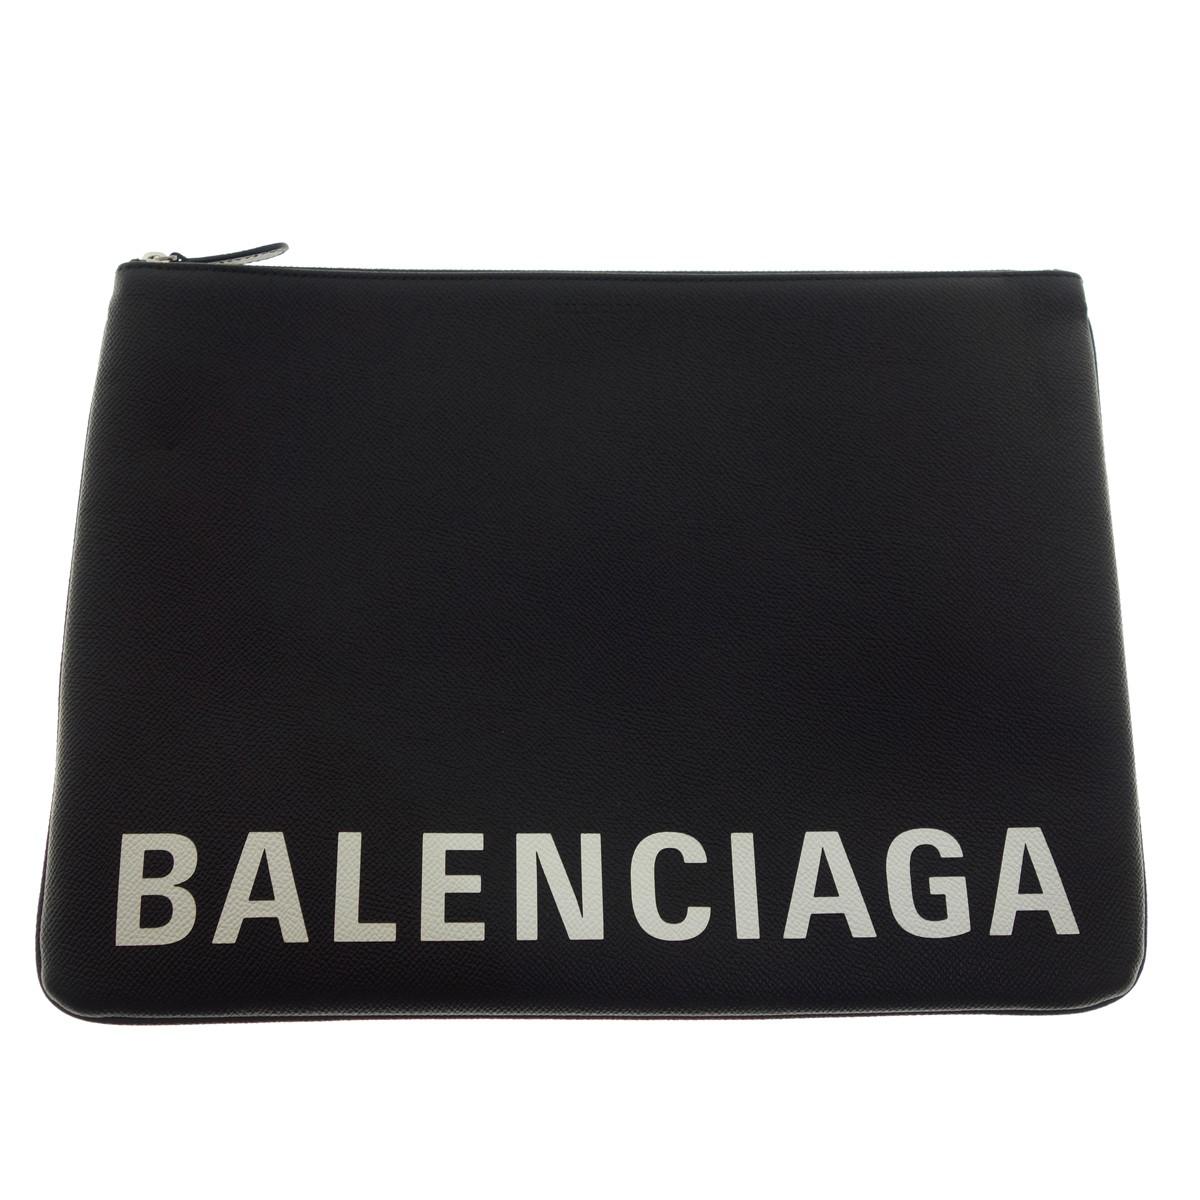 【中古】BALENCIAGA レザー クラッチバッグ ブラック 【270220】(バレンシアガ)